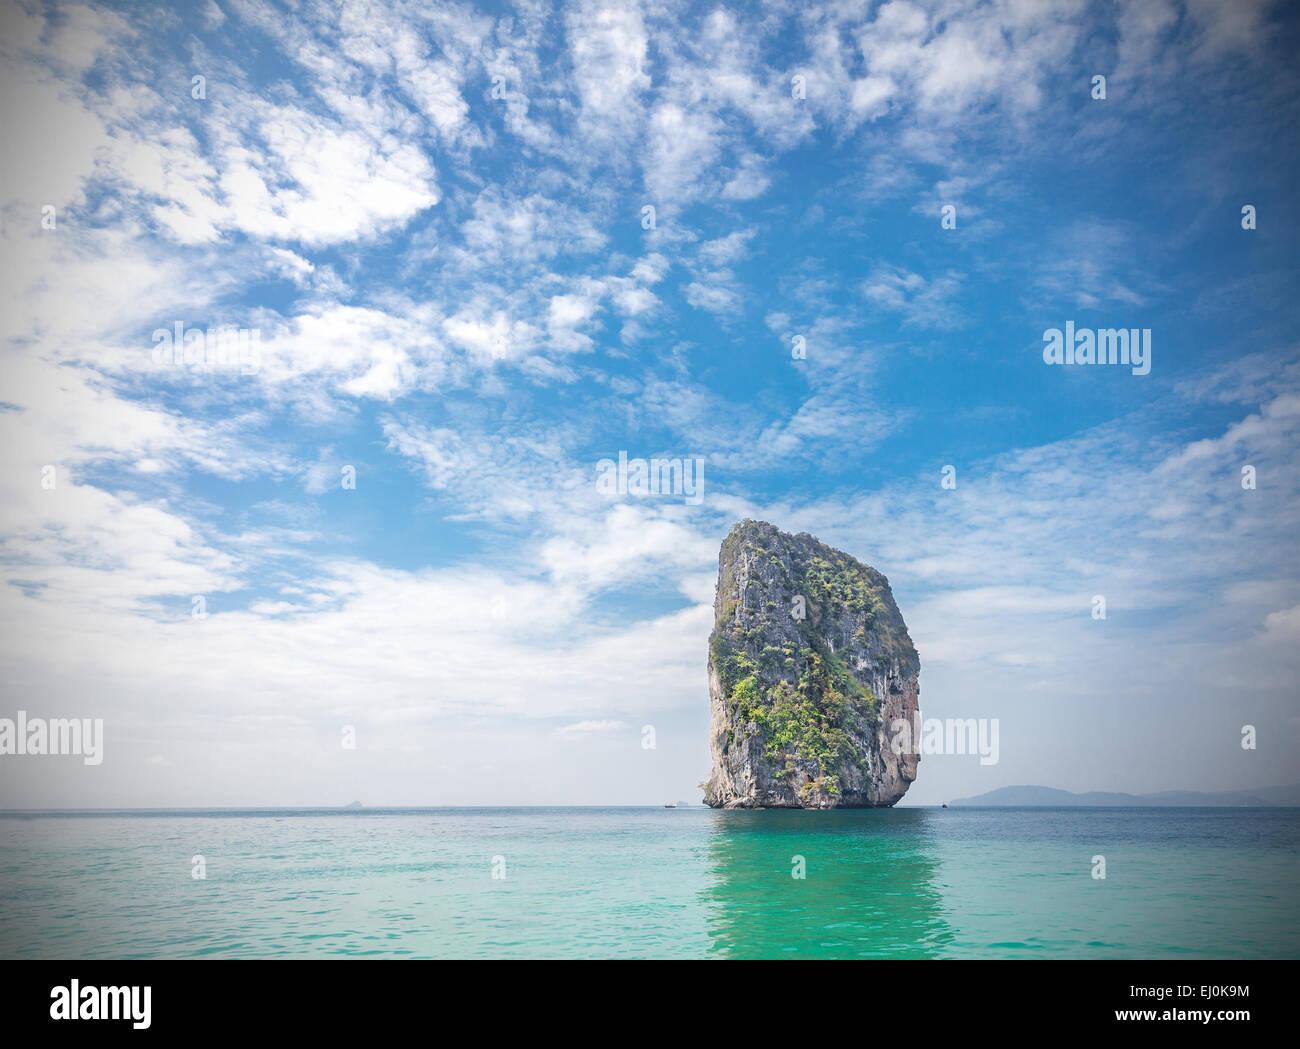 Île tropicale situé dans la province de Krabi, Thaïlande. L'effet vignette appliquée. Photo Stock